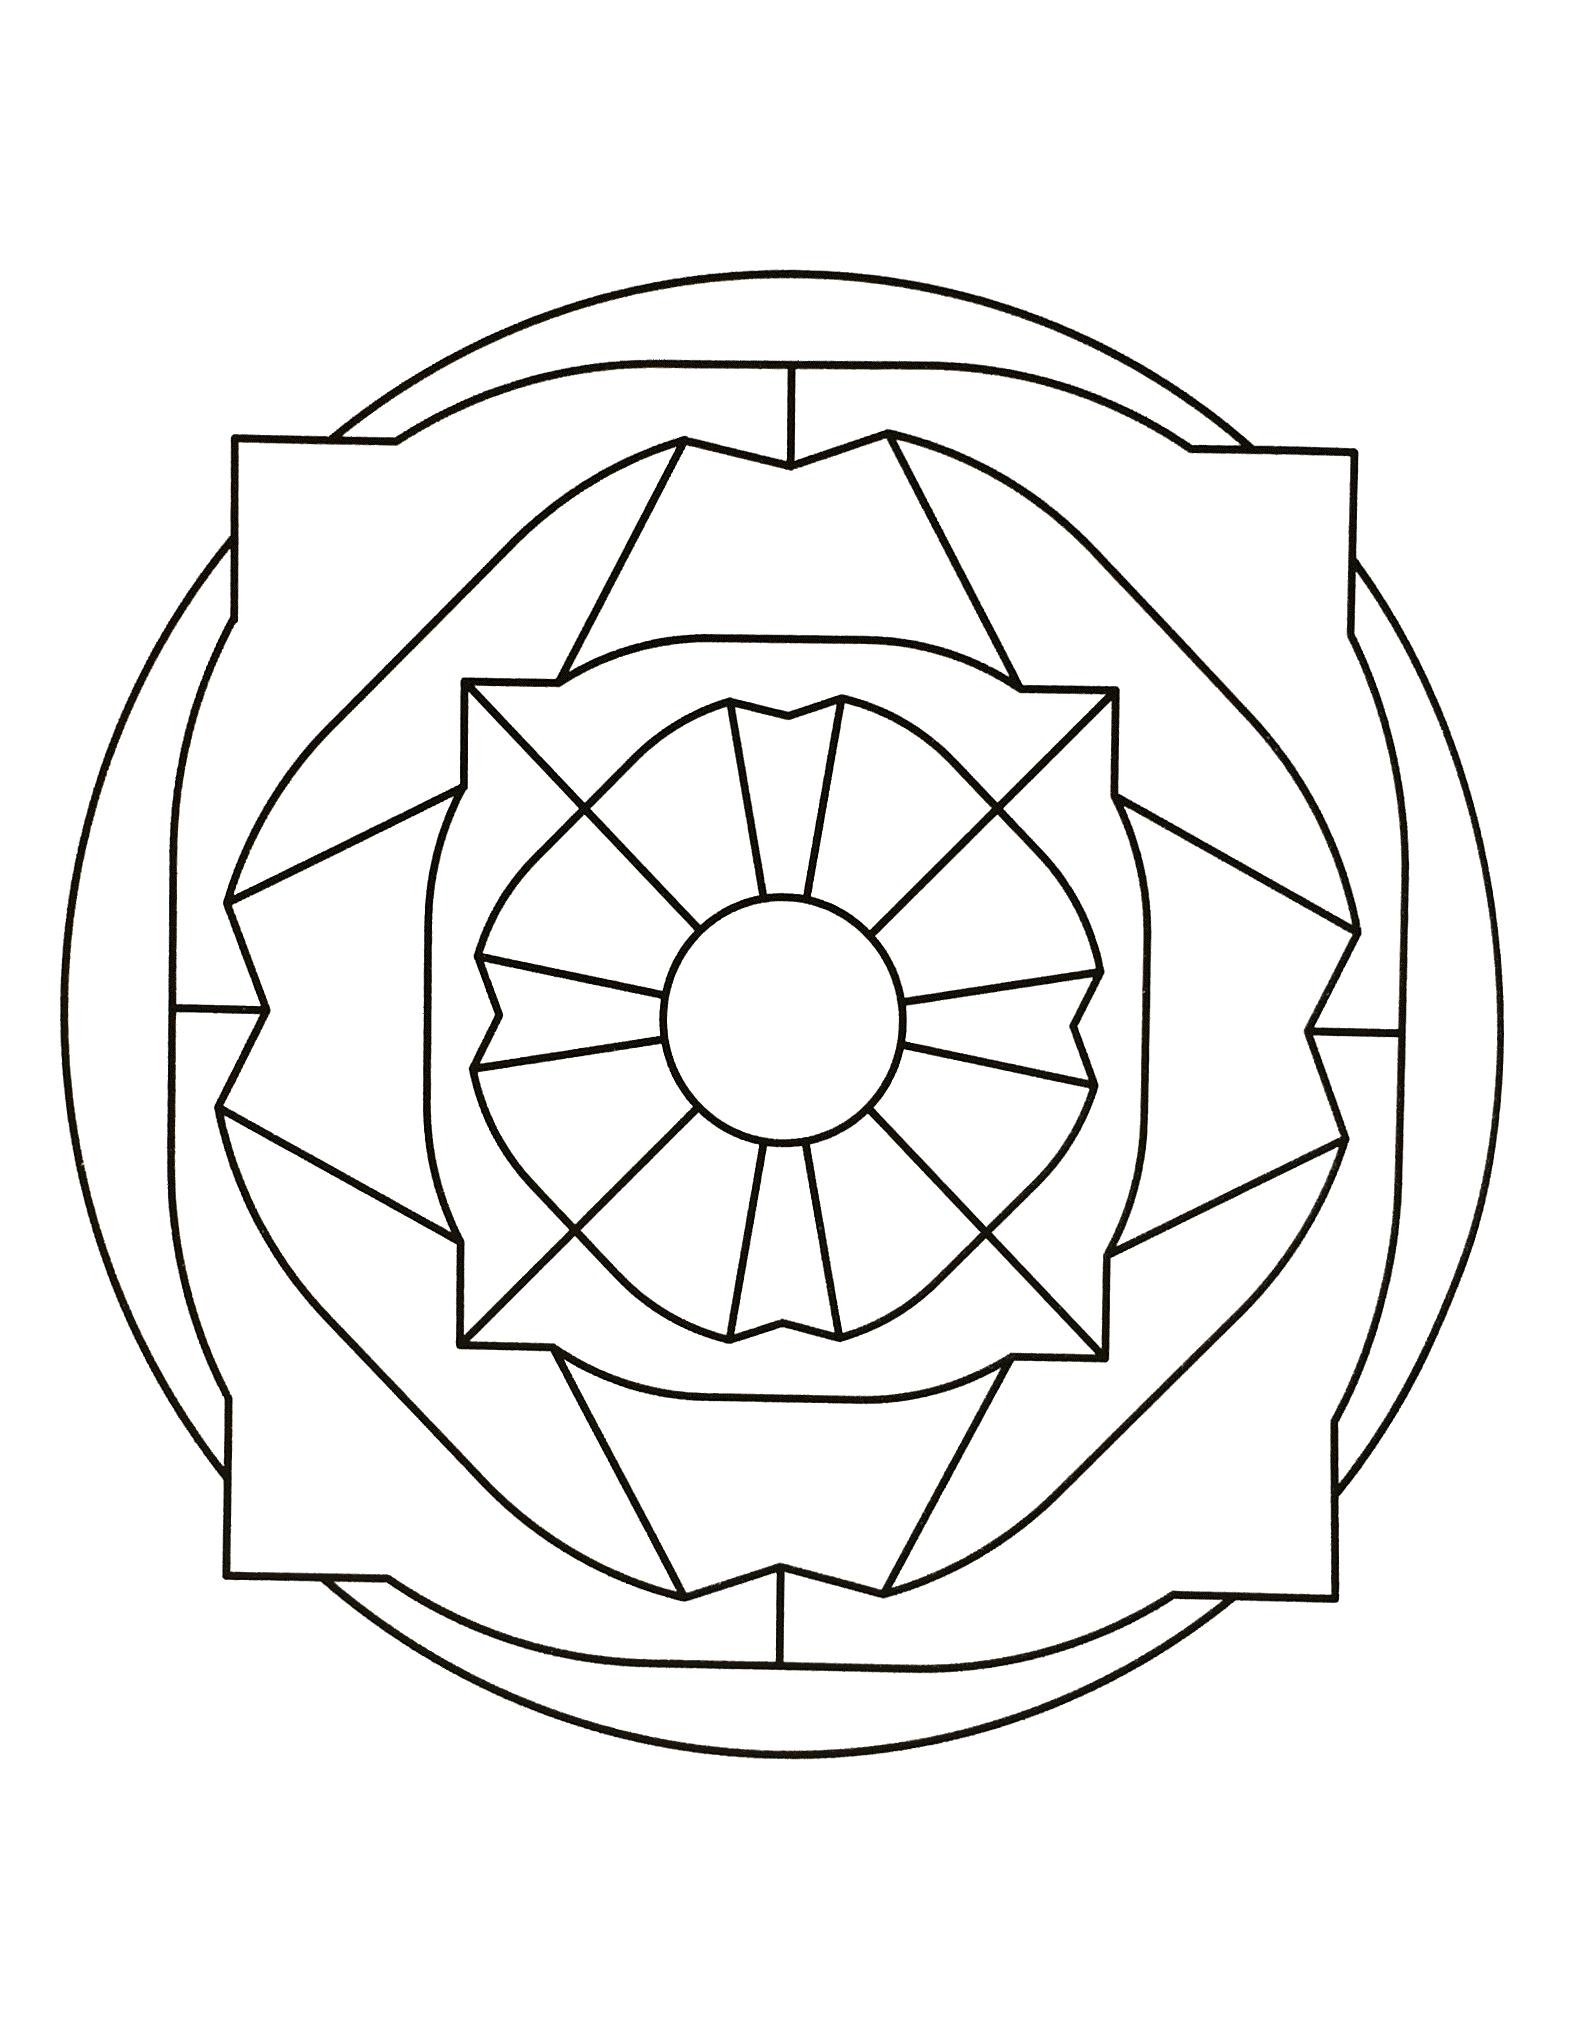 Mandalas - 64